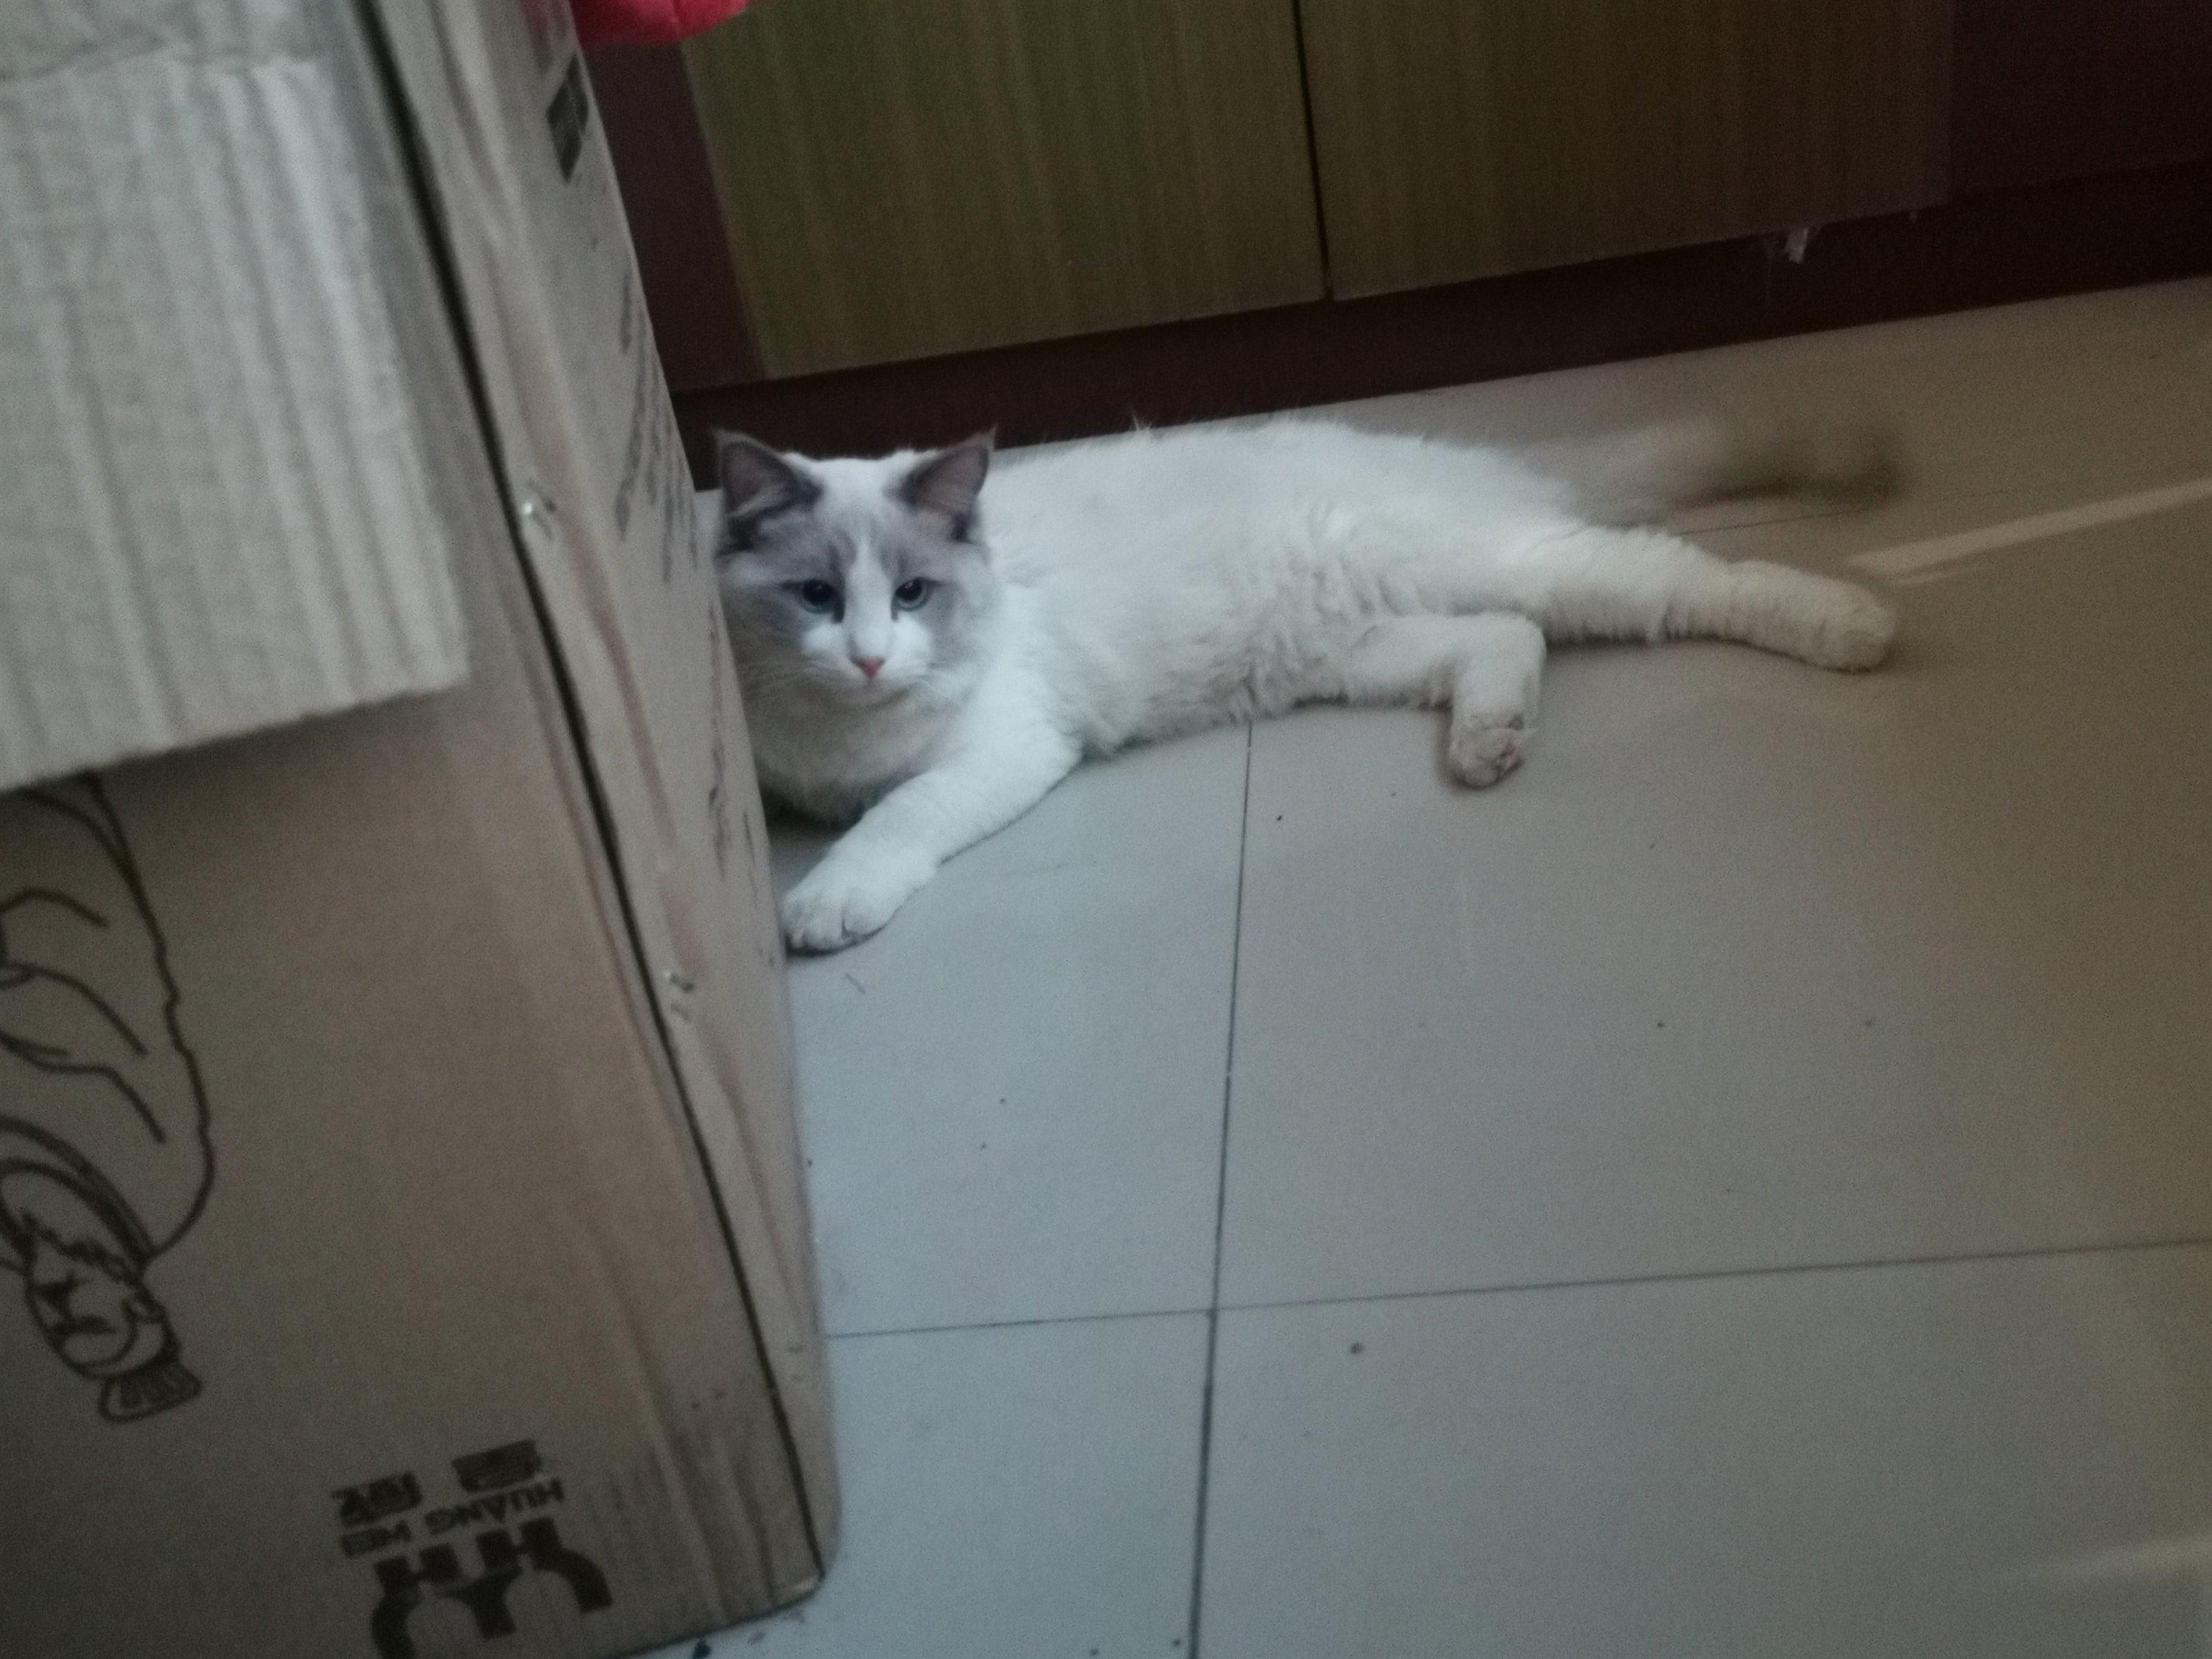 布偶貓,要去外地,希望找個愛貓人士照顧它